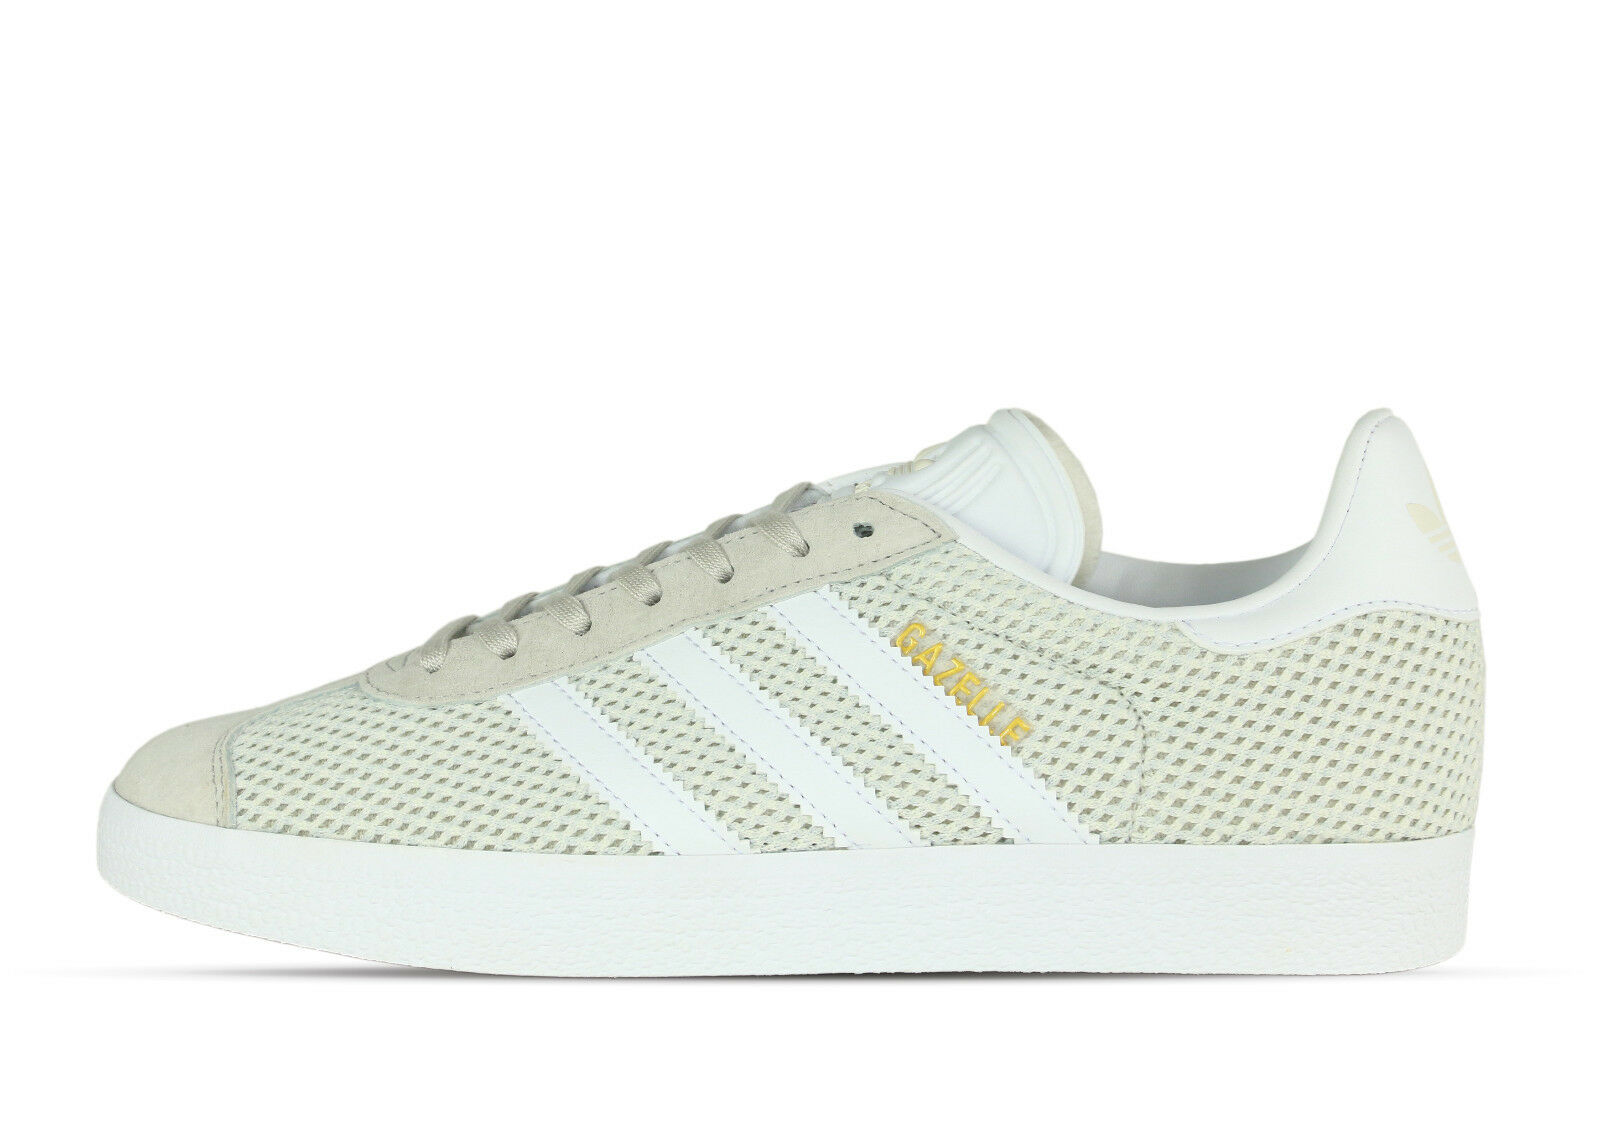 Adidas Gazelle femmes Talc bb5178 - gris clair - Baskets - femmes + NOUVEAU+